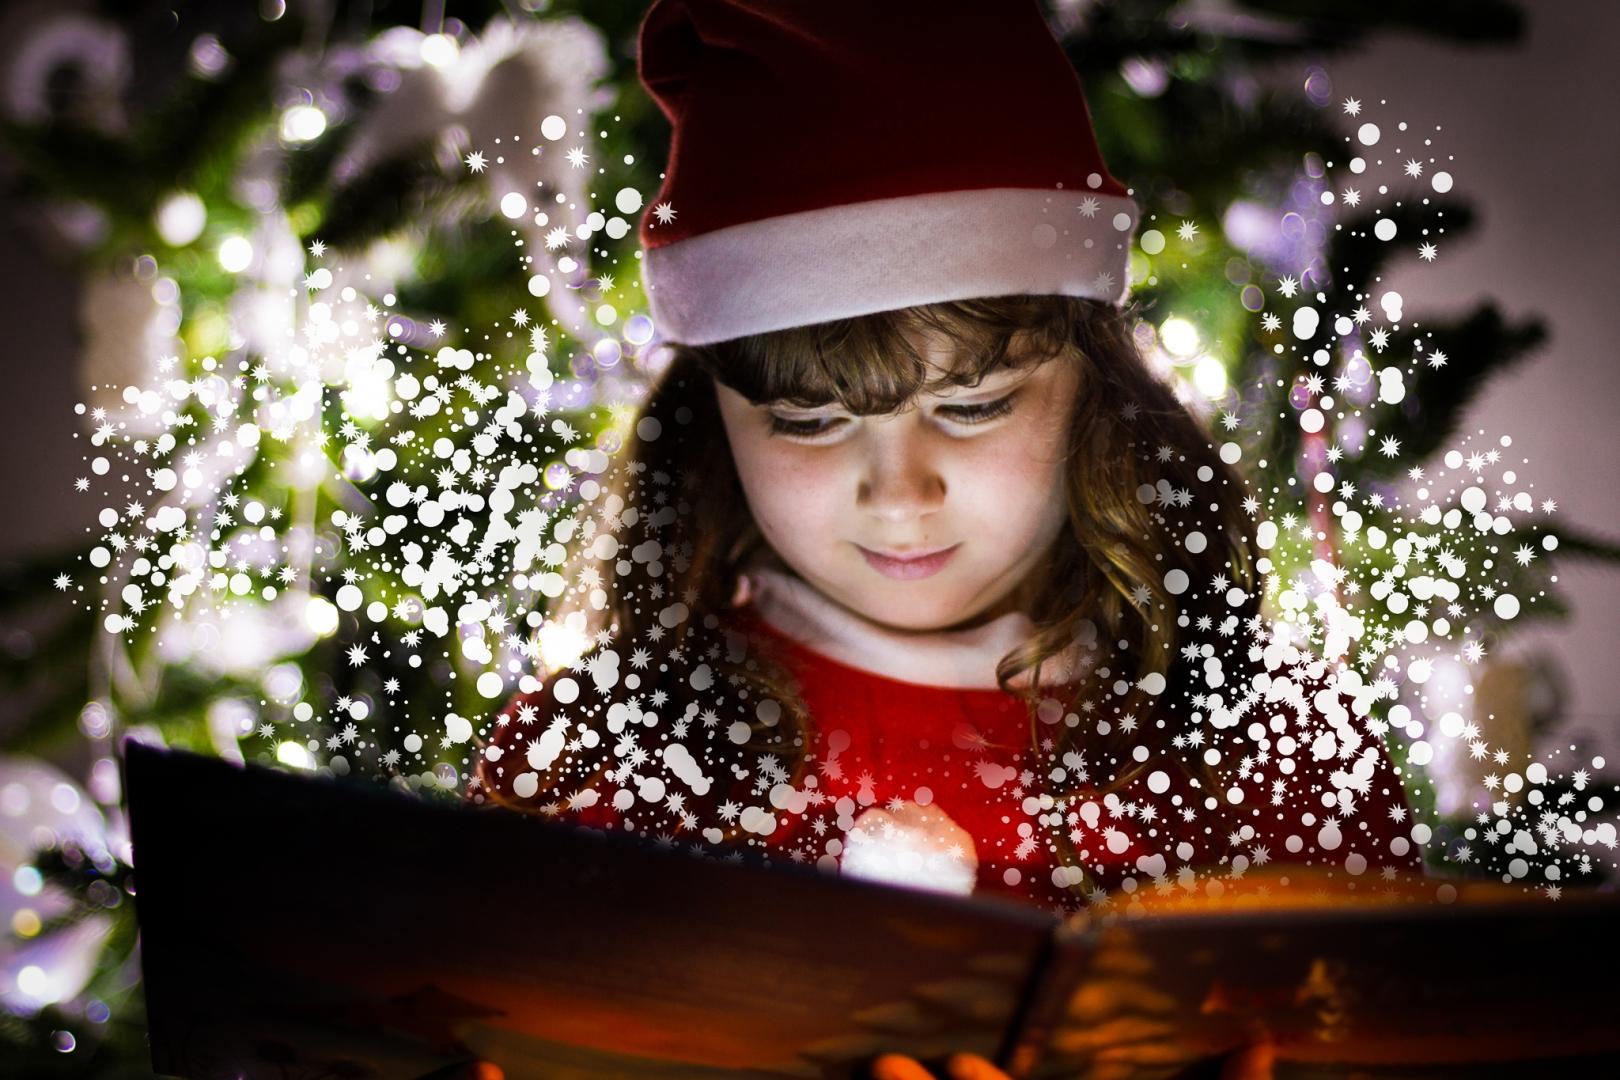 Andrea Swenson Girl with magic present